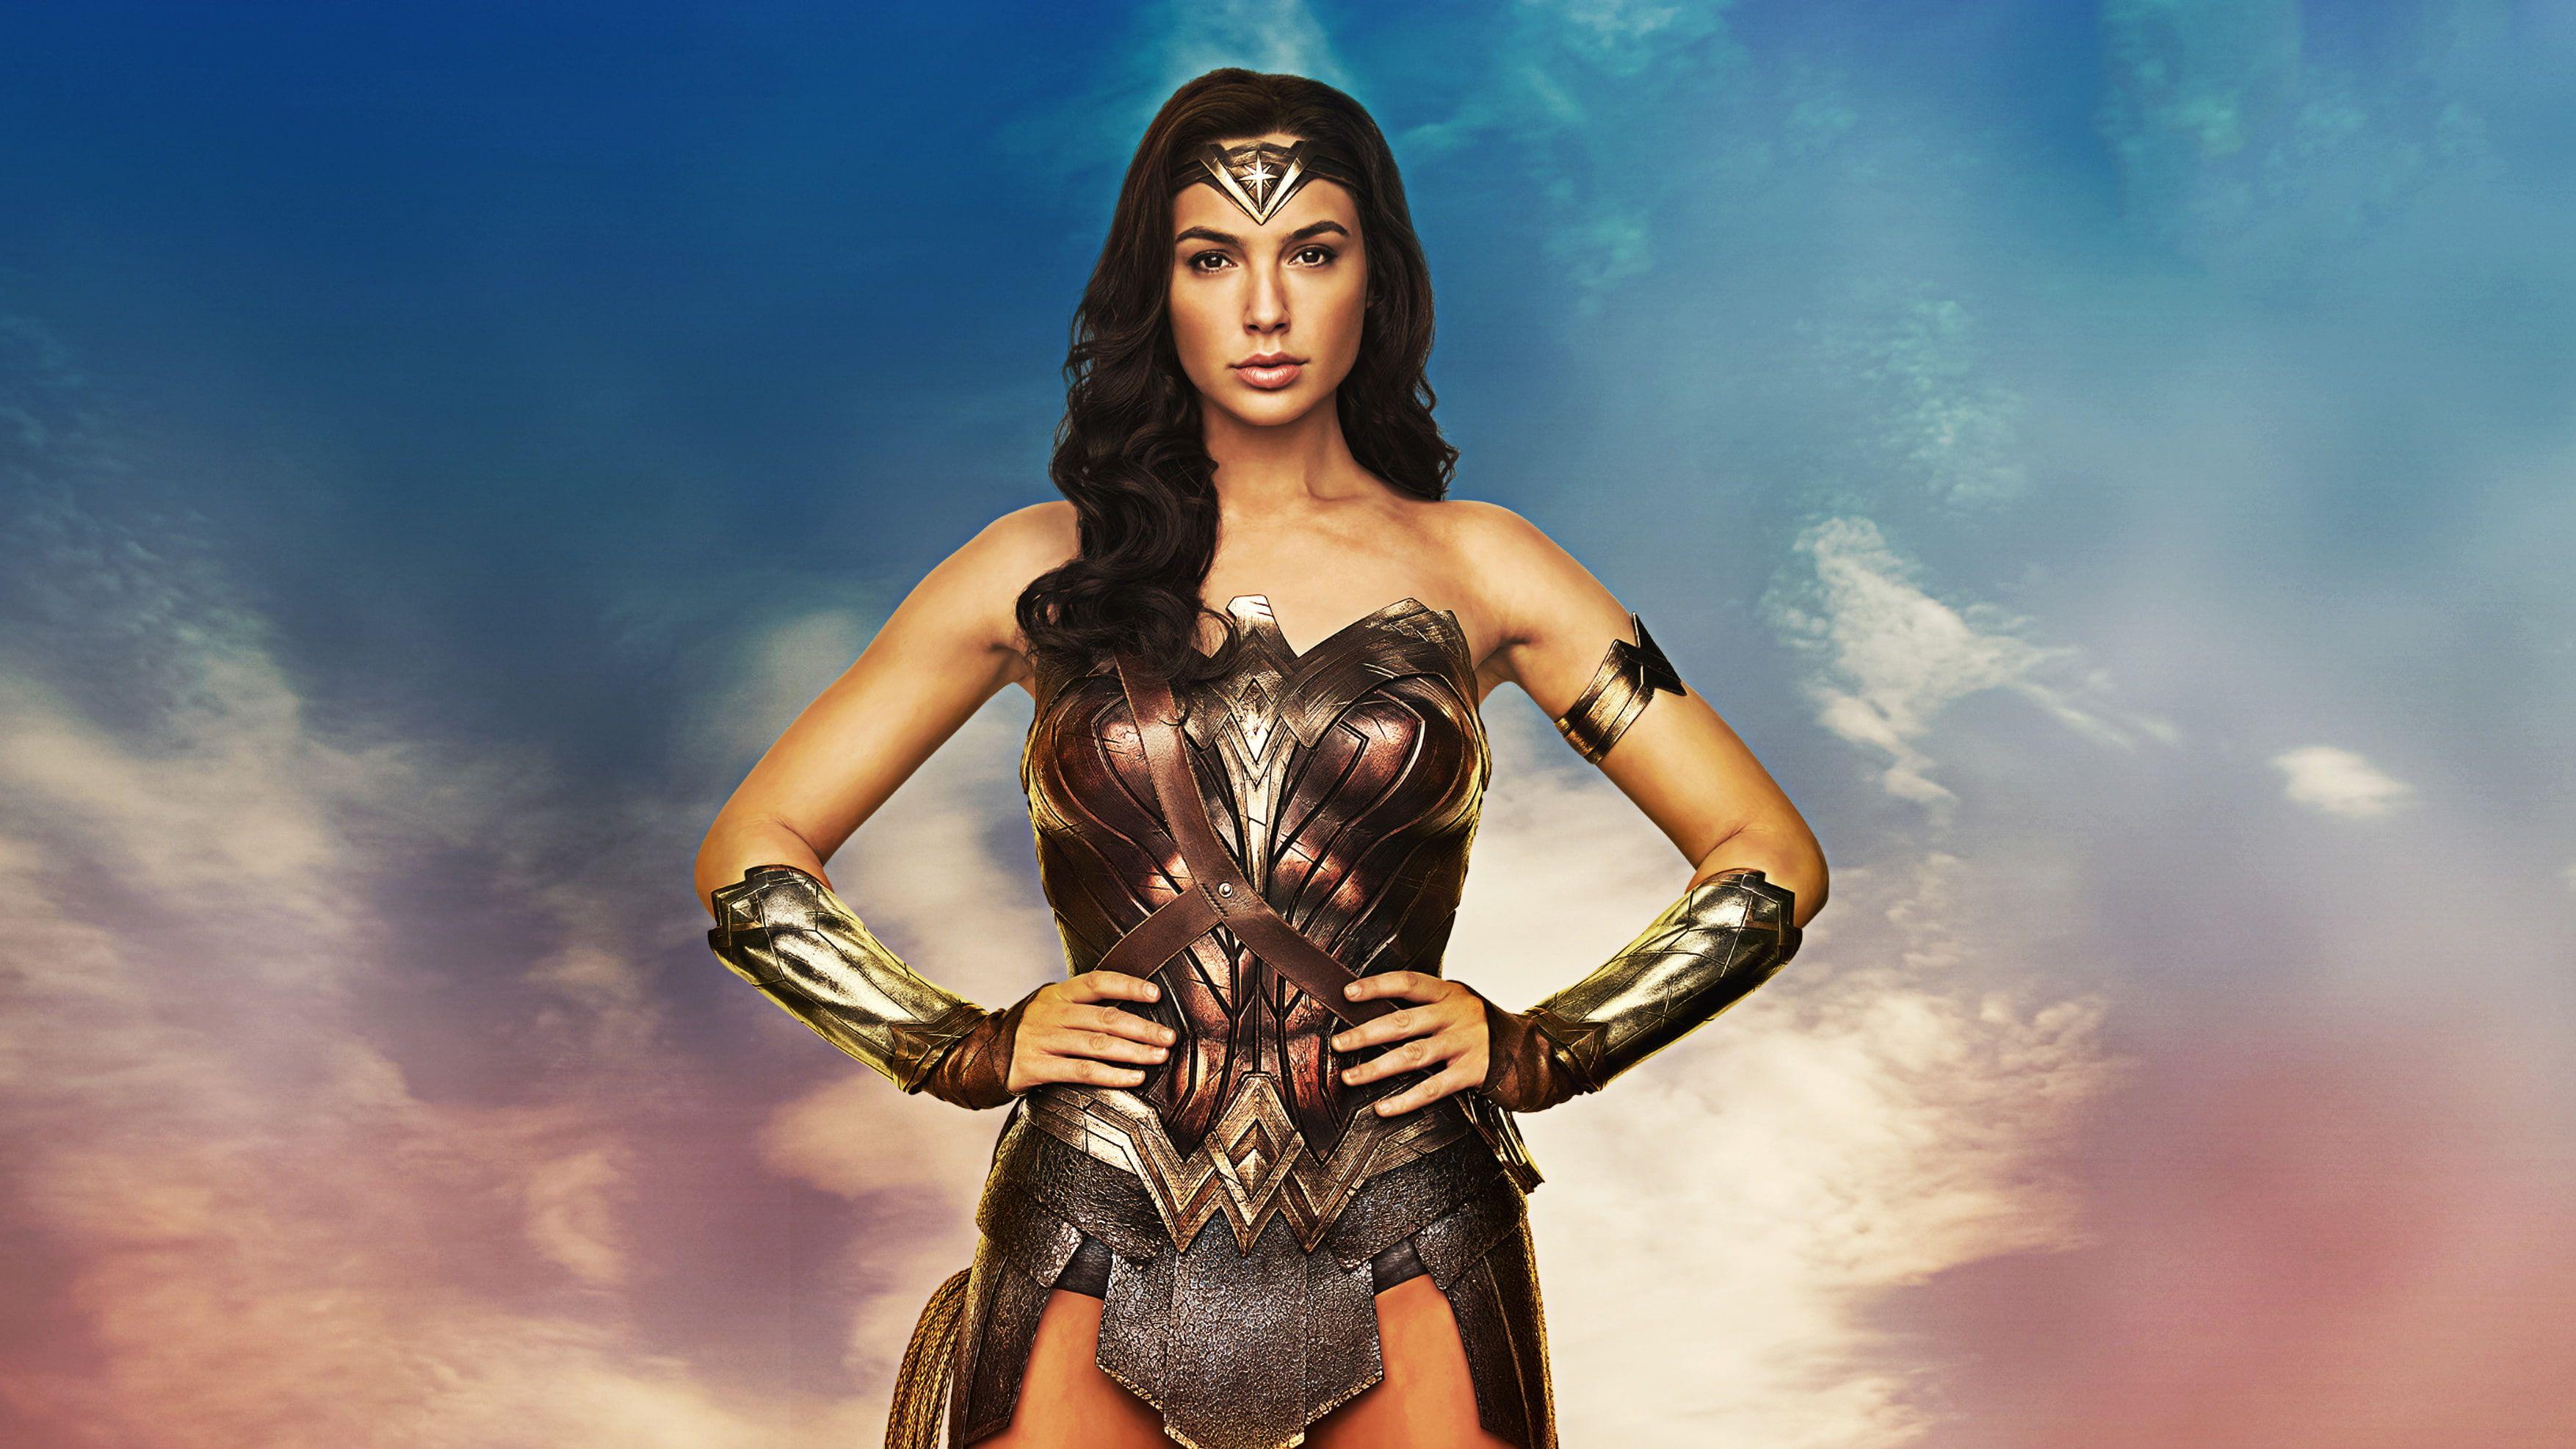 Wonder Woman 4k Gal Gadot Superheroes Deviantart Artist 2k Wallpaper Hdwallpaper Desktop In 2020 Wonder Woman Gal Gadot Superhero